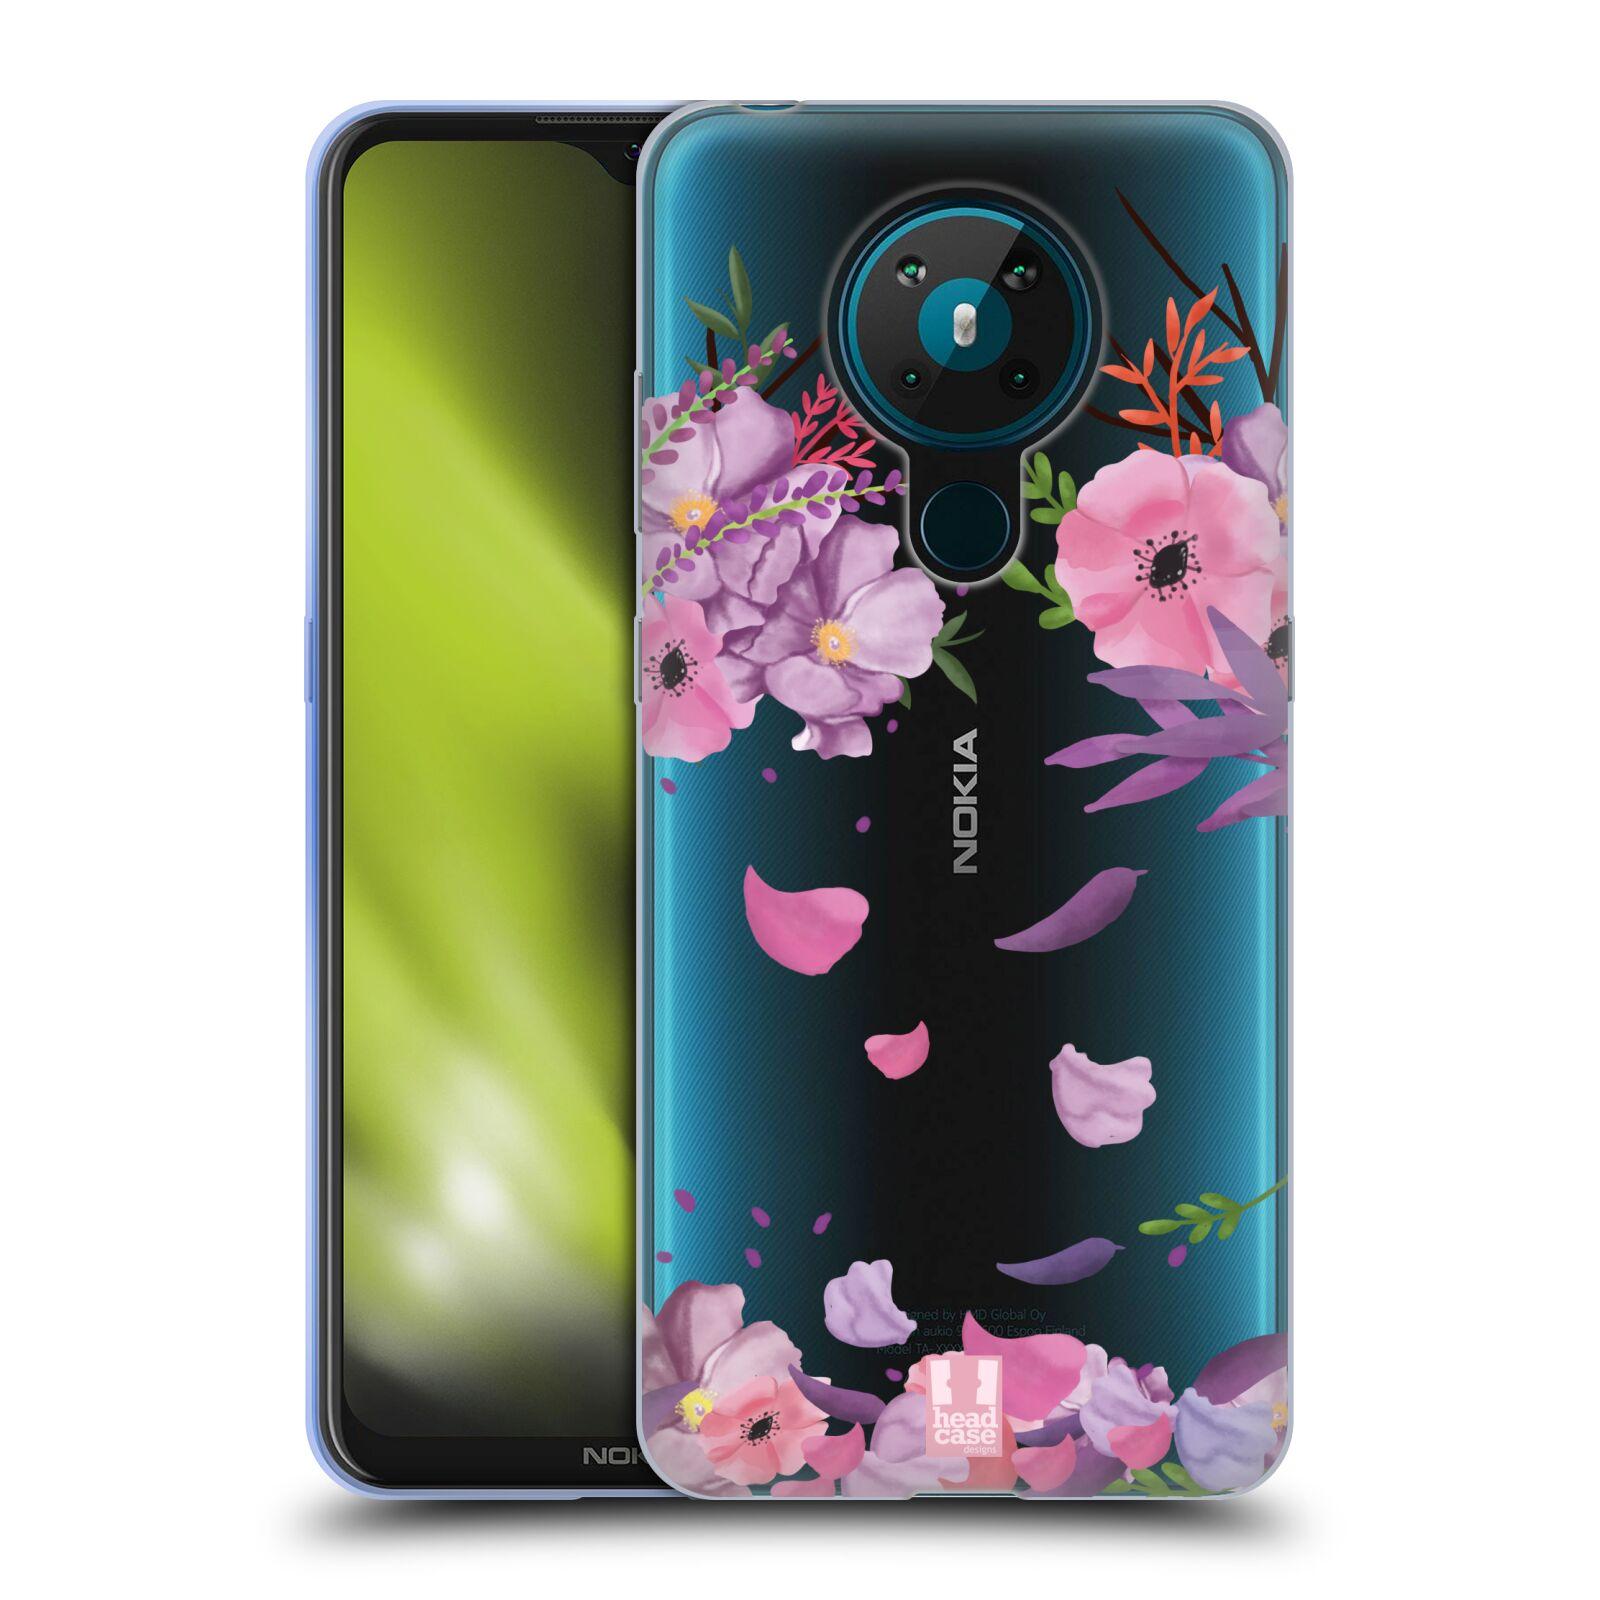 Silikonové pouzdro na mobil Nokia 5.3 - Head Case - Okvětní lístky